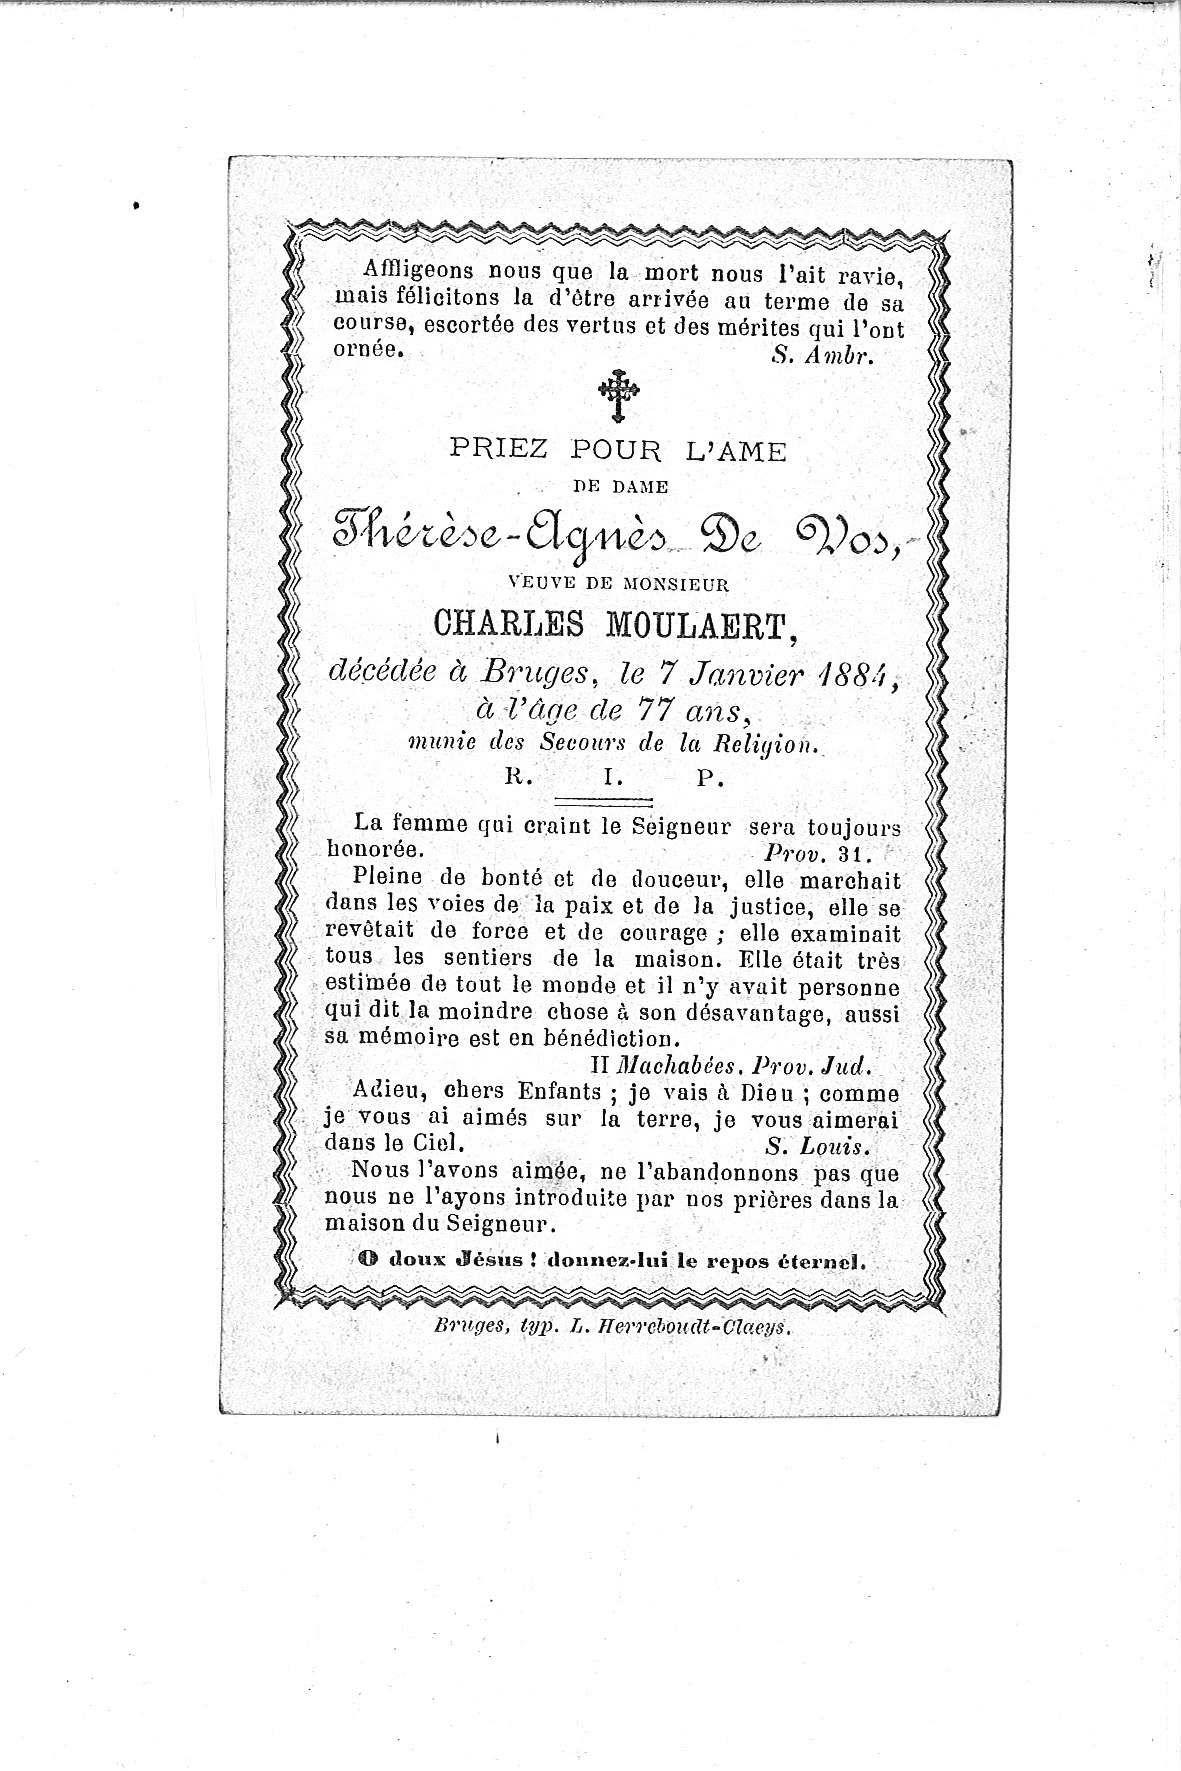 Thérèse-Agnès (1884) 20120305092055_00295.jpg